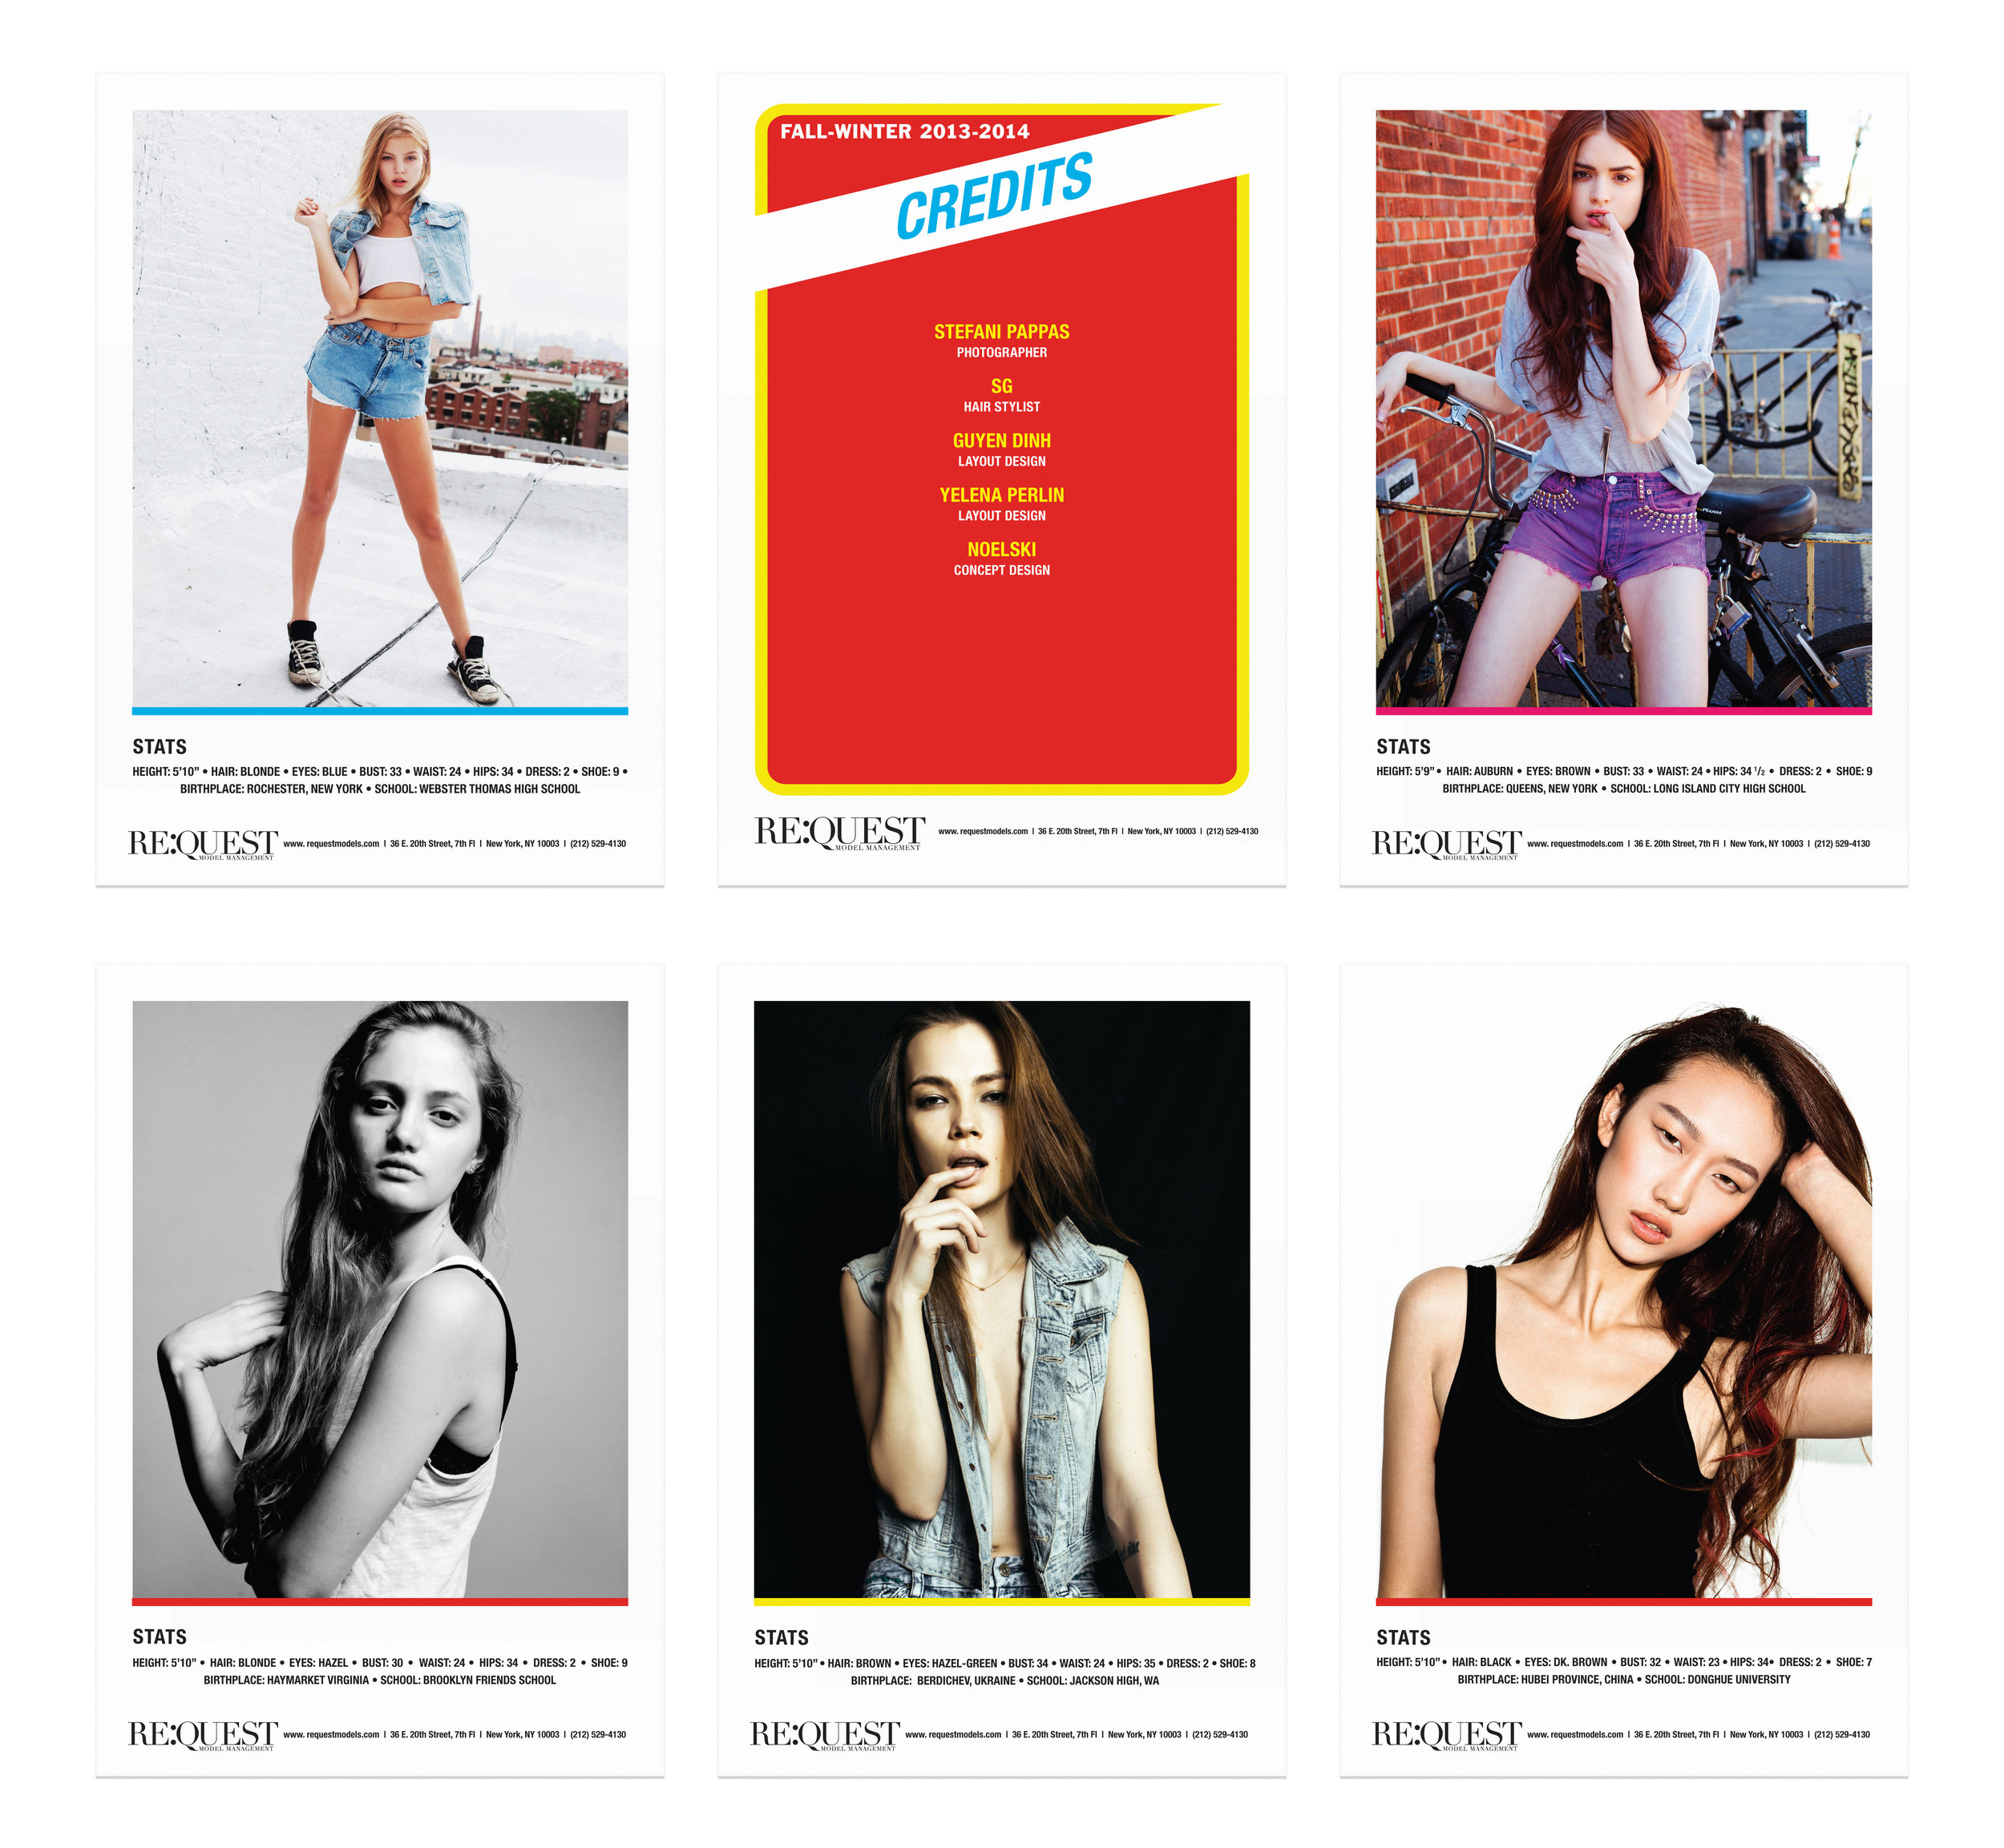 ReQuest_Models_Basketball_Women_Backs.jpg